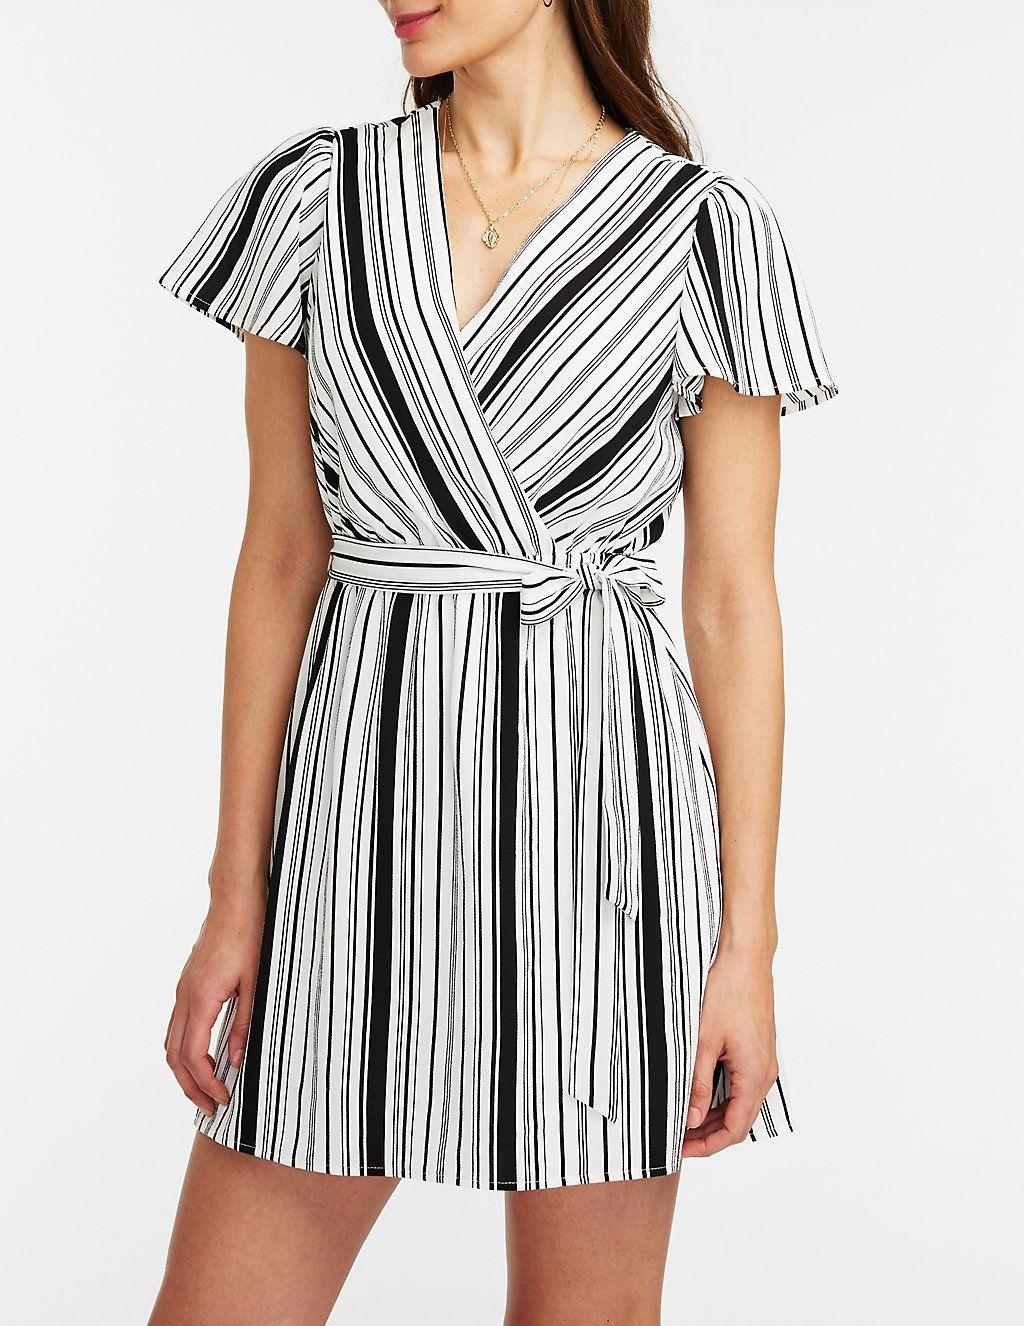 Striped Wrap Dress Charlotte Russe Wrap Dress Dresses Clothes [ 1326 x 1024 Pixel ]